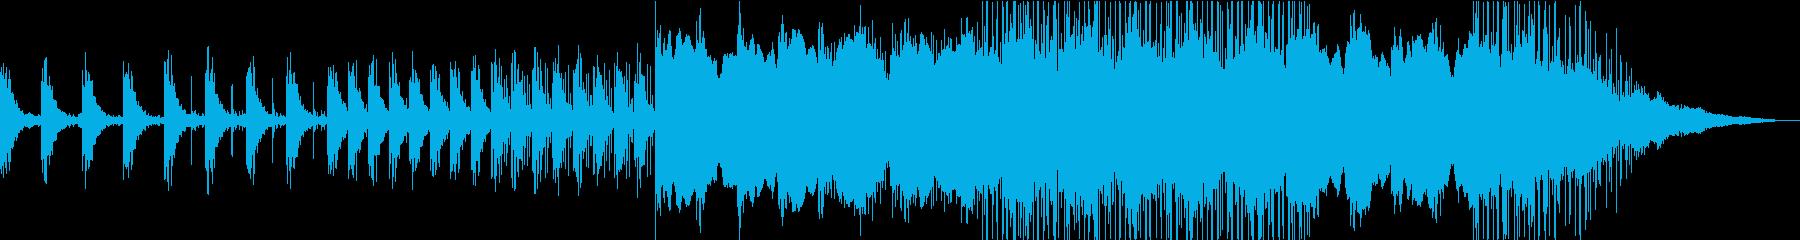 静寂の中に重たさがあるエレクトロニカの再生済みの波形